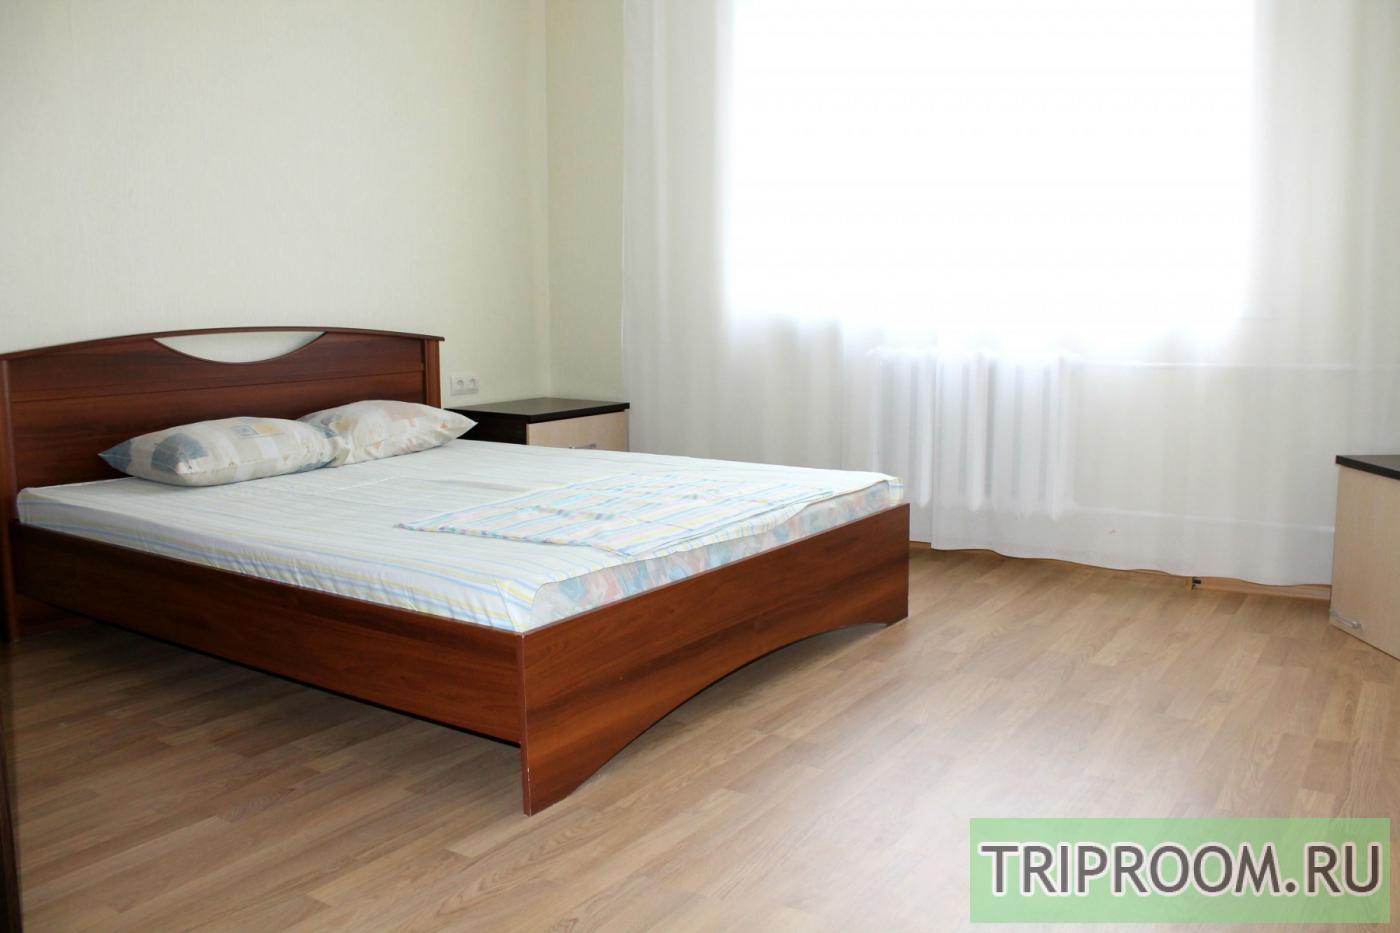 3-комнатная квартира посуточно (вариант № 20393), ул. Ленина проспект, фото № 2